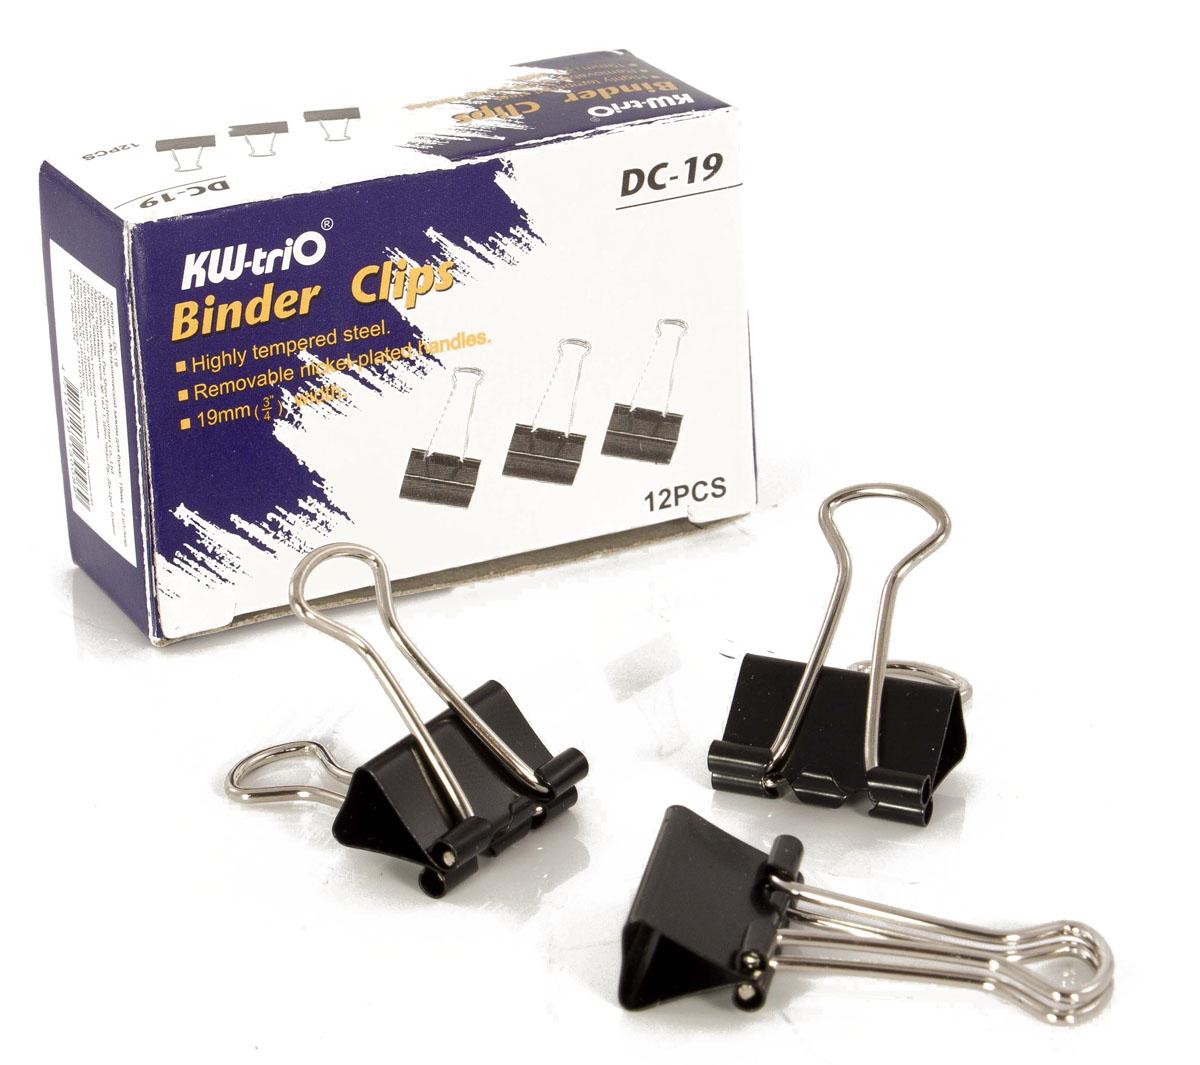 KW-Тrio Зажим для бумаг цвет черный 19 мм 12 штFS-54100Зажим для бумаг KW-Тrio предназначен для скрепления бумажных носителей. Зажим выполнен из металла.В упаковке 12 зажимов черного цвета. Они надежно и легко скрепляют, не деформируют бумагу, не оставляют на ней следов.